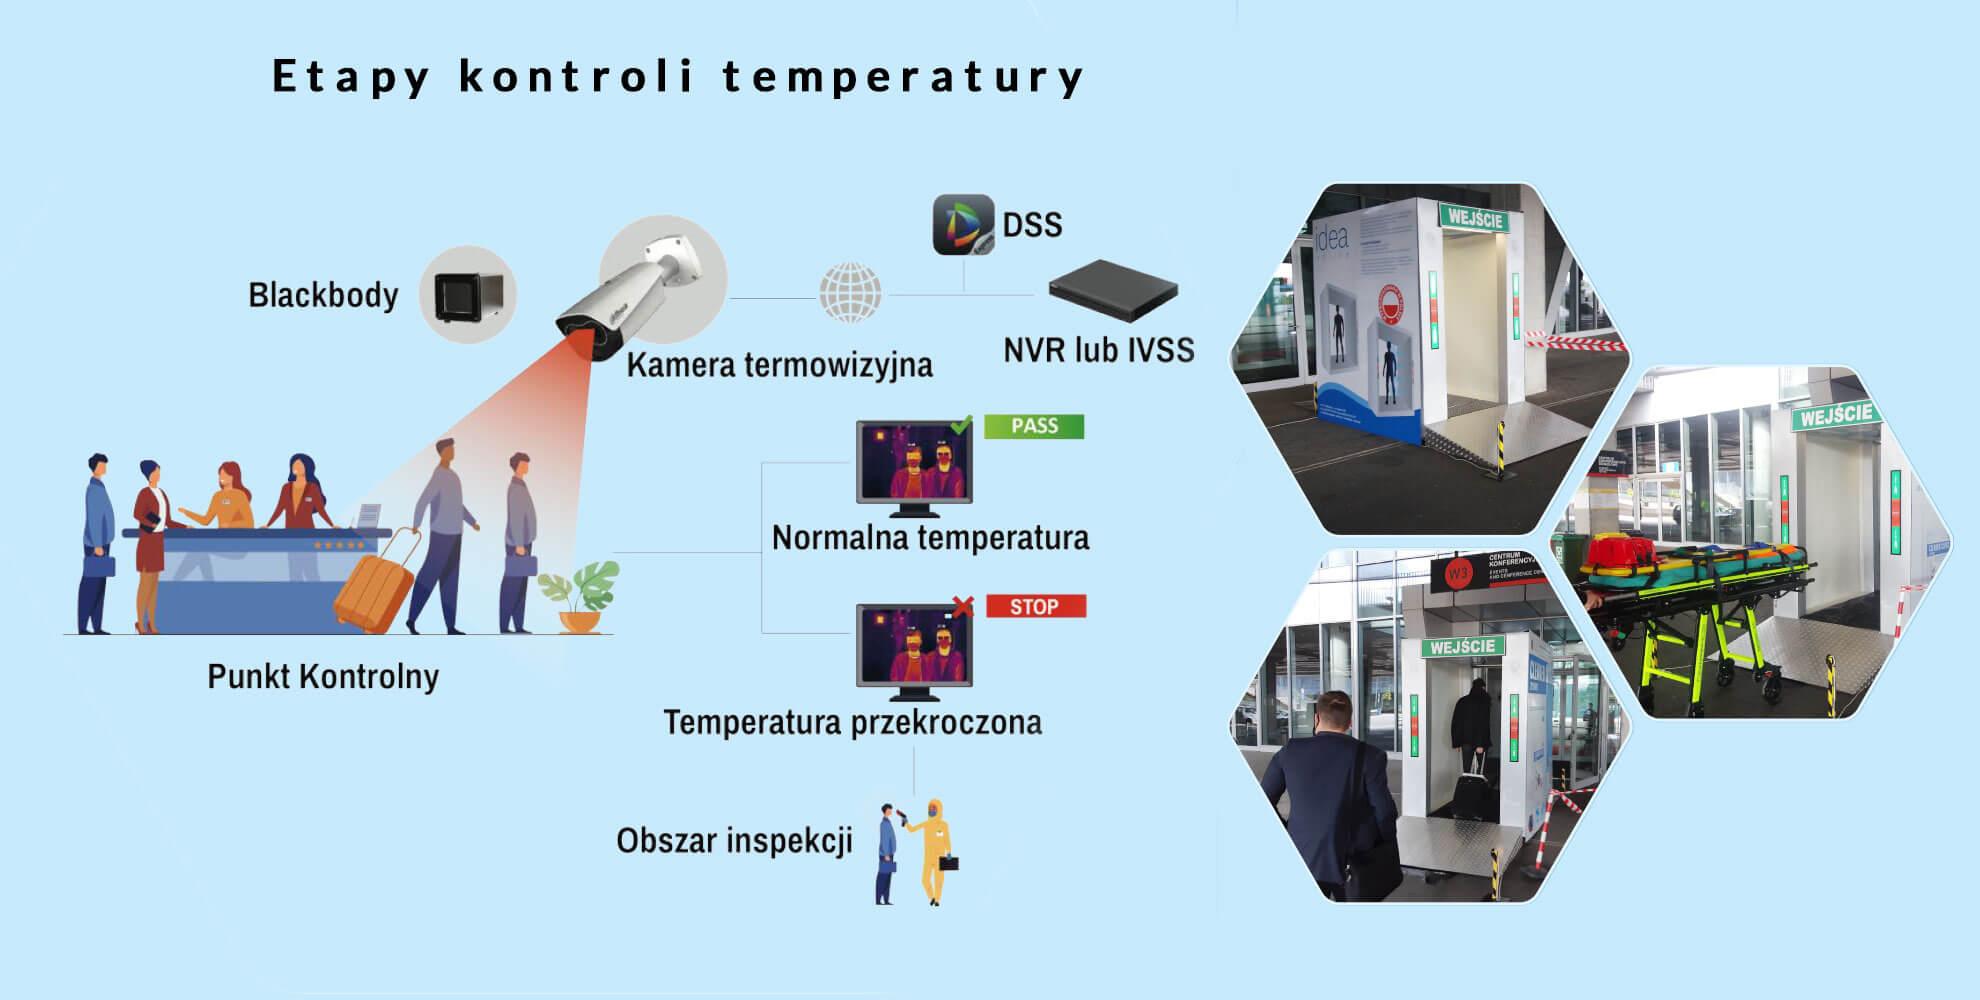 etapy-kontroli-temperatury